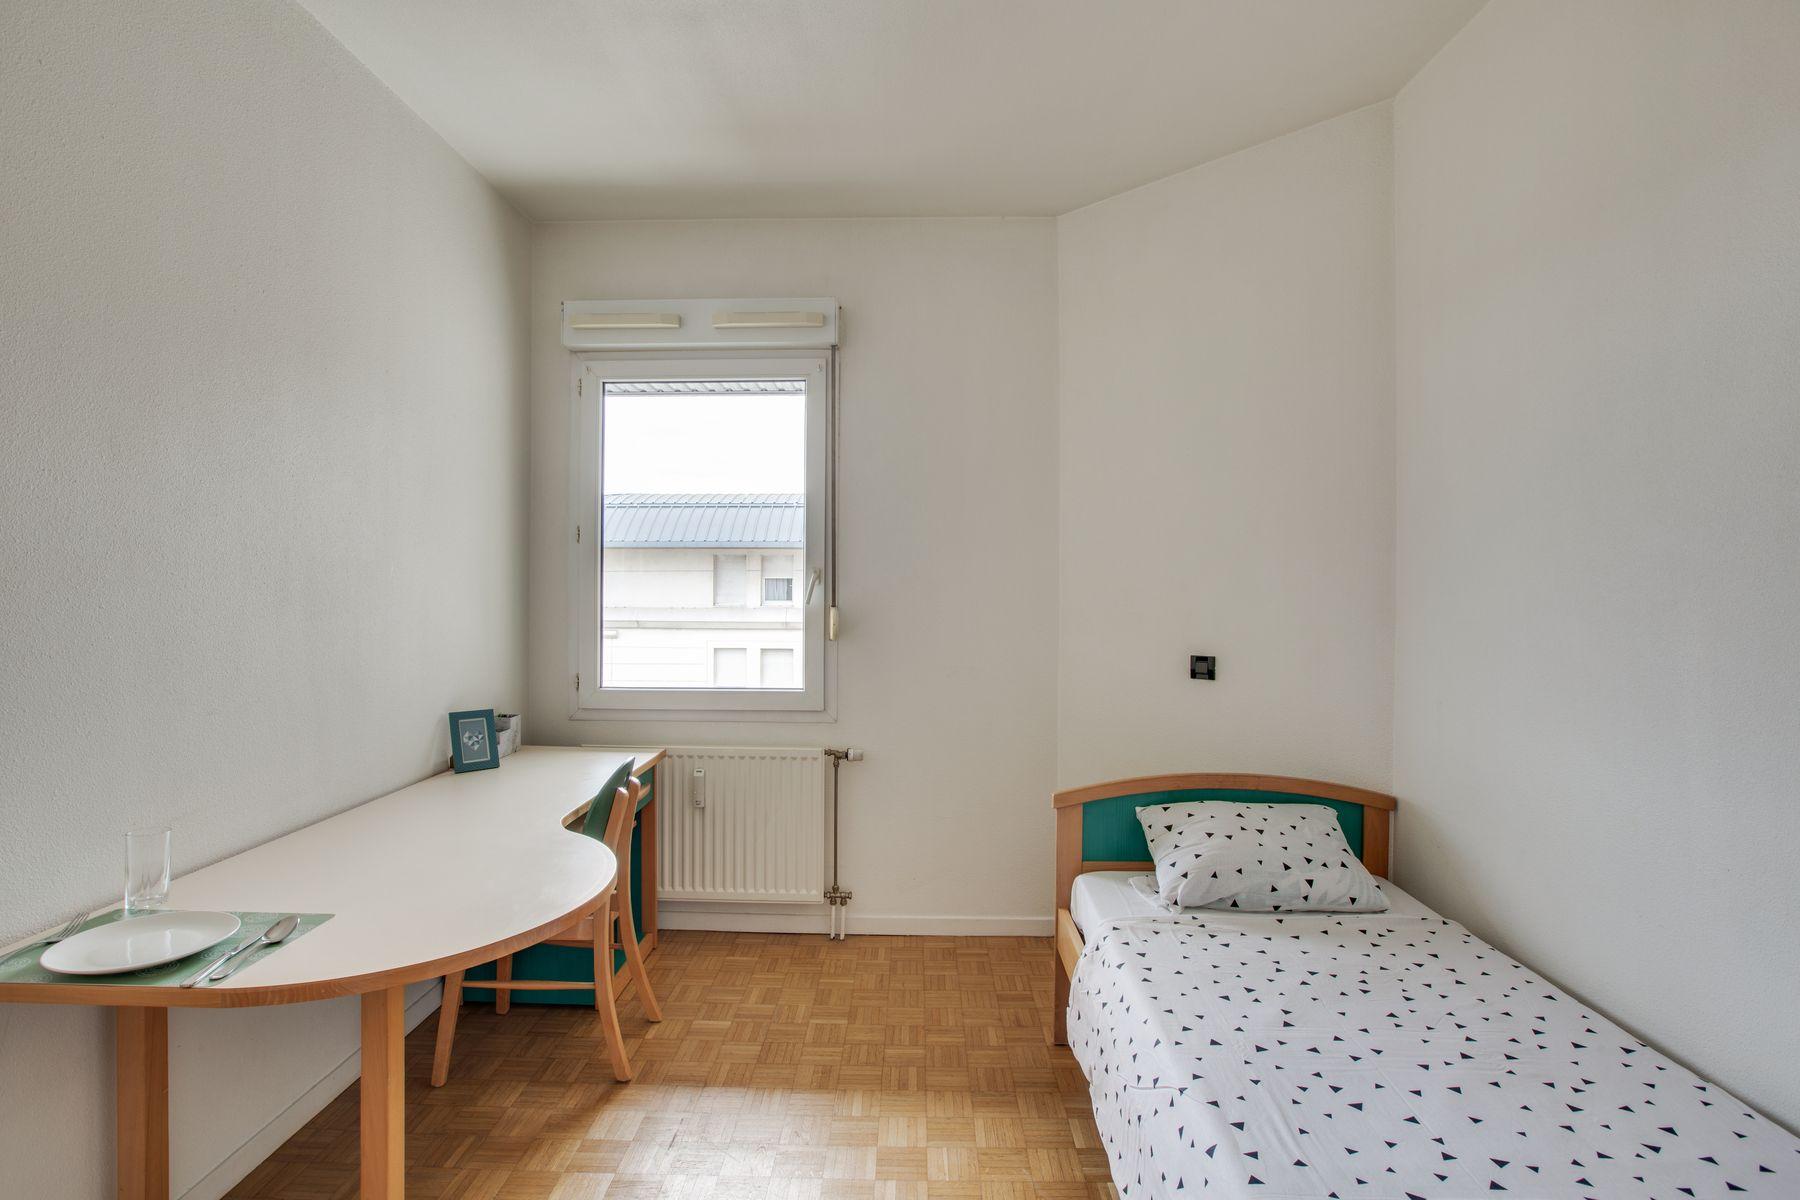 LOGIFAC résidence étudiante Porte de MontmartreParis lit bureau